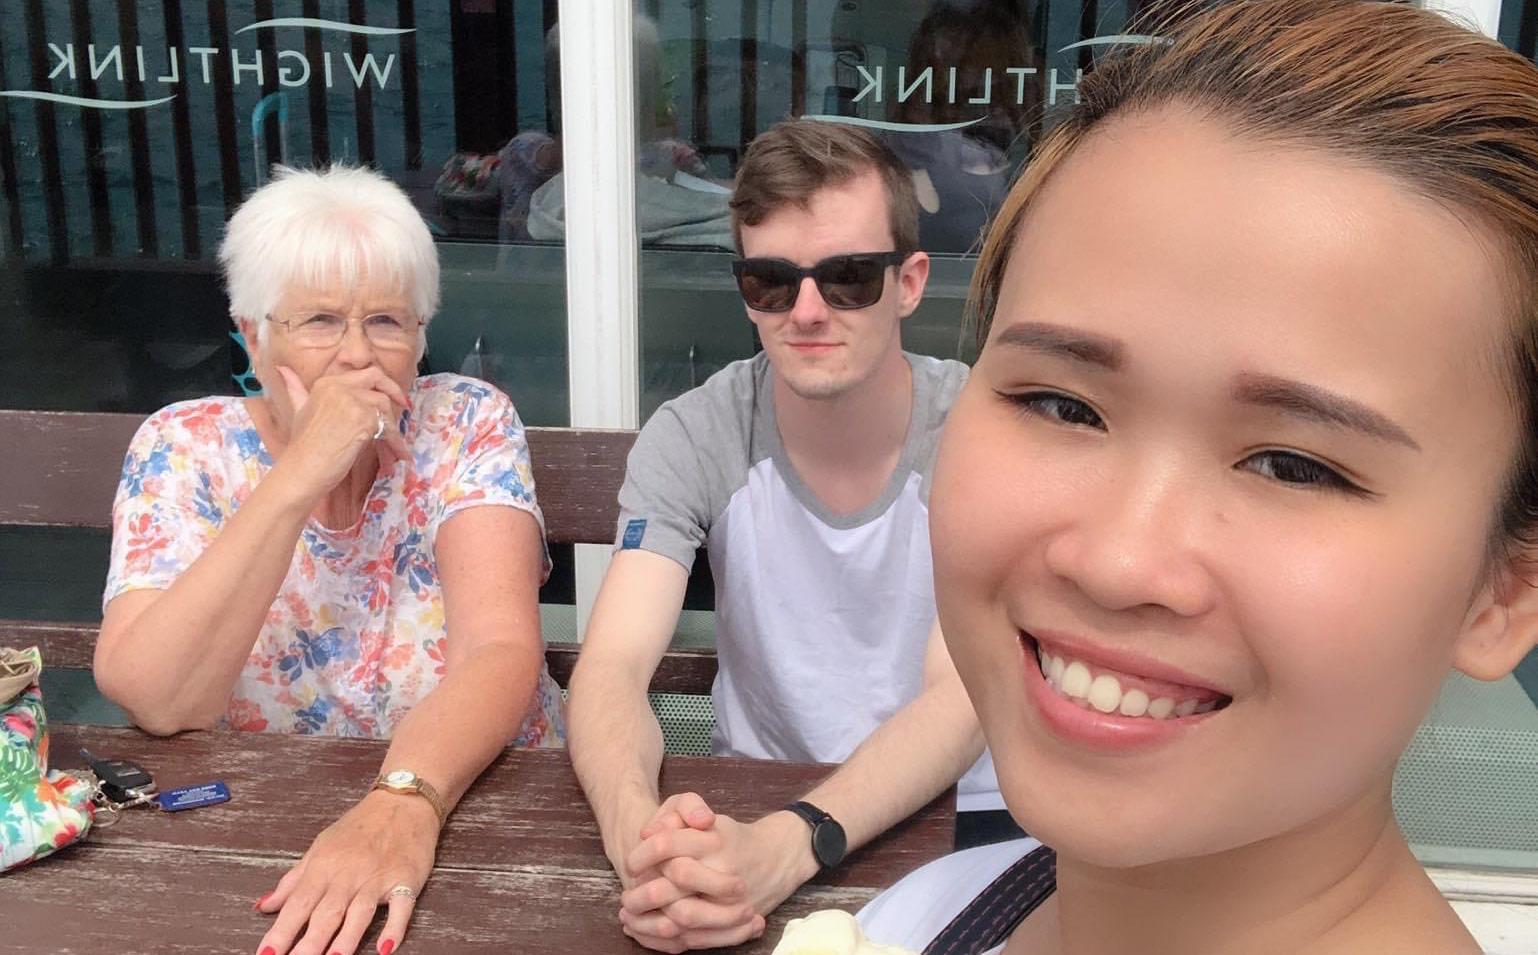 Kết hôn với chàng trai người Anh sau 14 ngày gặp mặt, cuộc sống của cô gái Việt ở trời Tây khiến tất cả bất ngờ